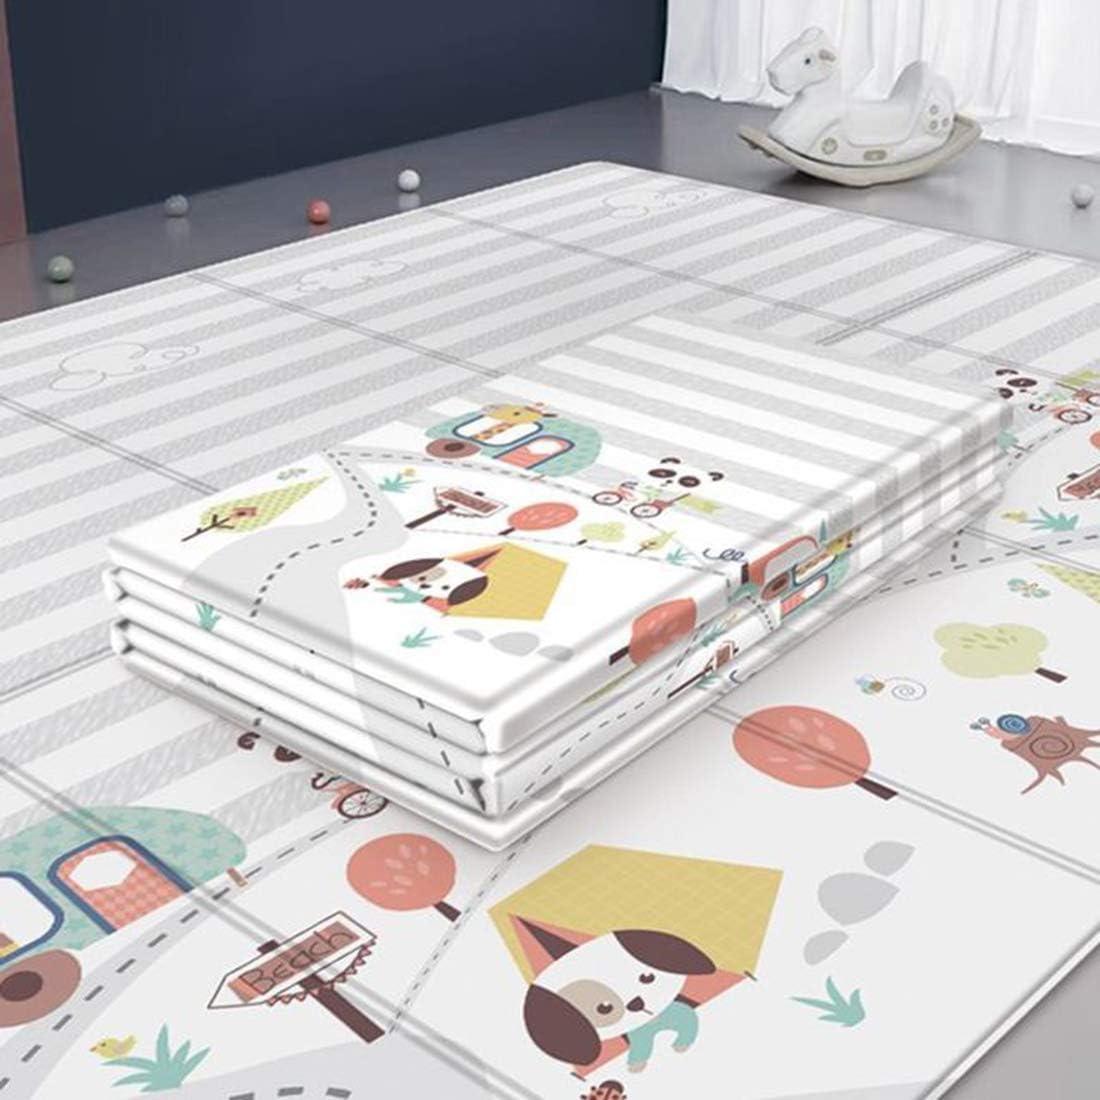 K9CK Alfombra Infantil Impermeable - Alfombras de Juegos para Bebes - Plegable Manta Juegos Bebe Suelo - 200 x 180 x 1cm